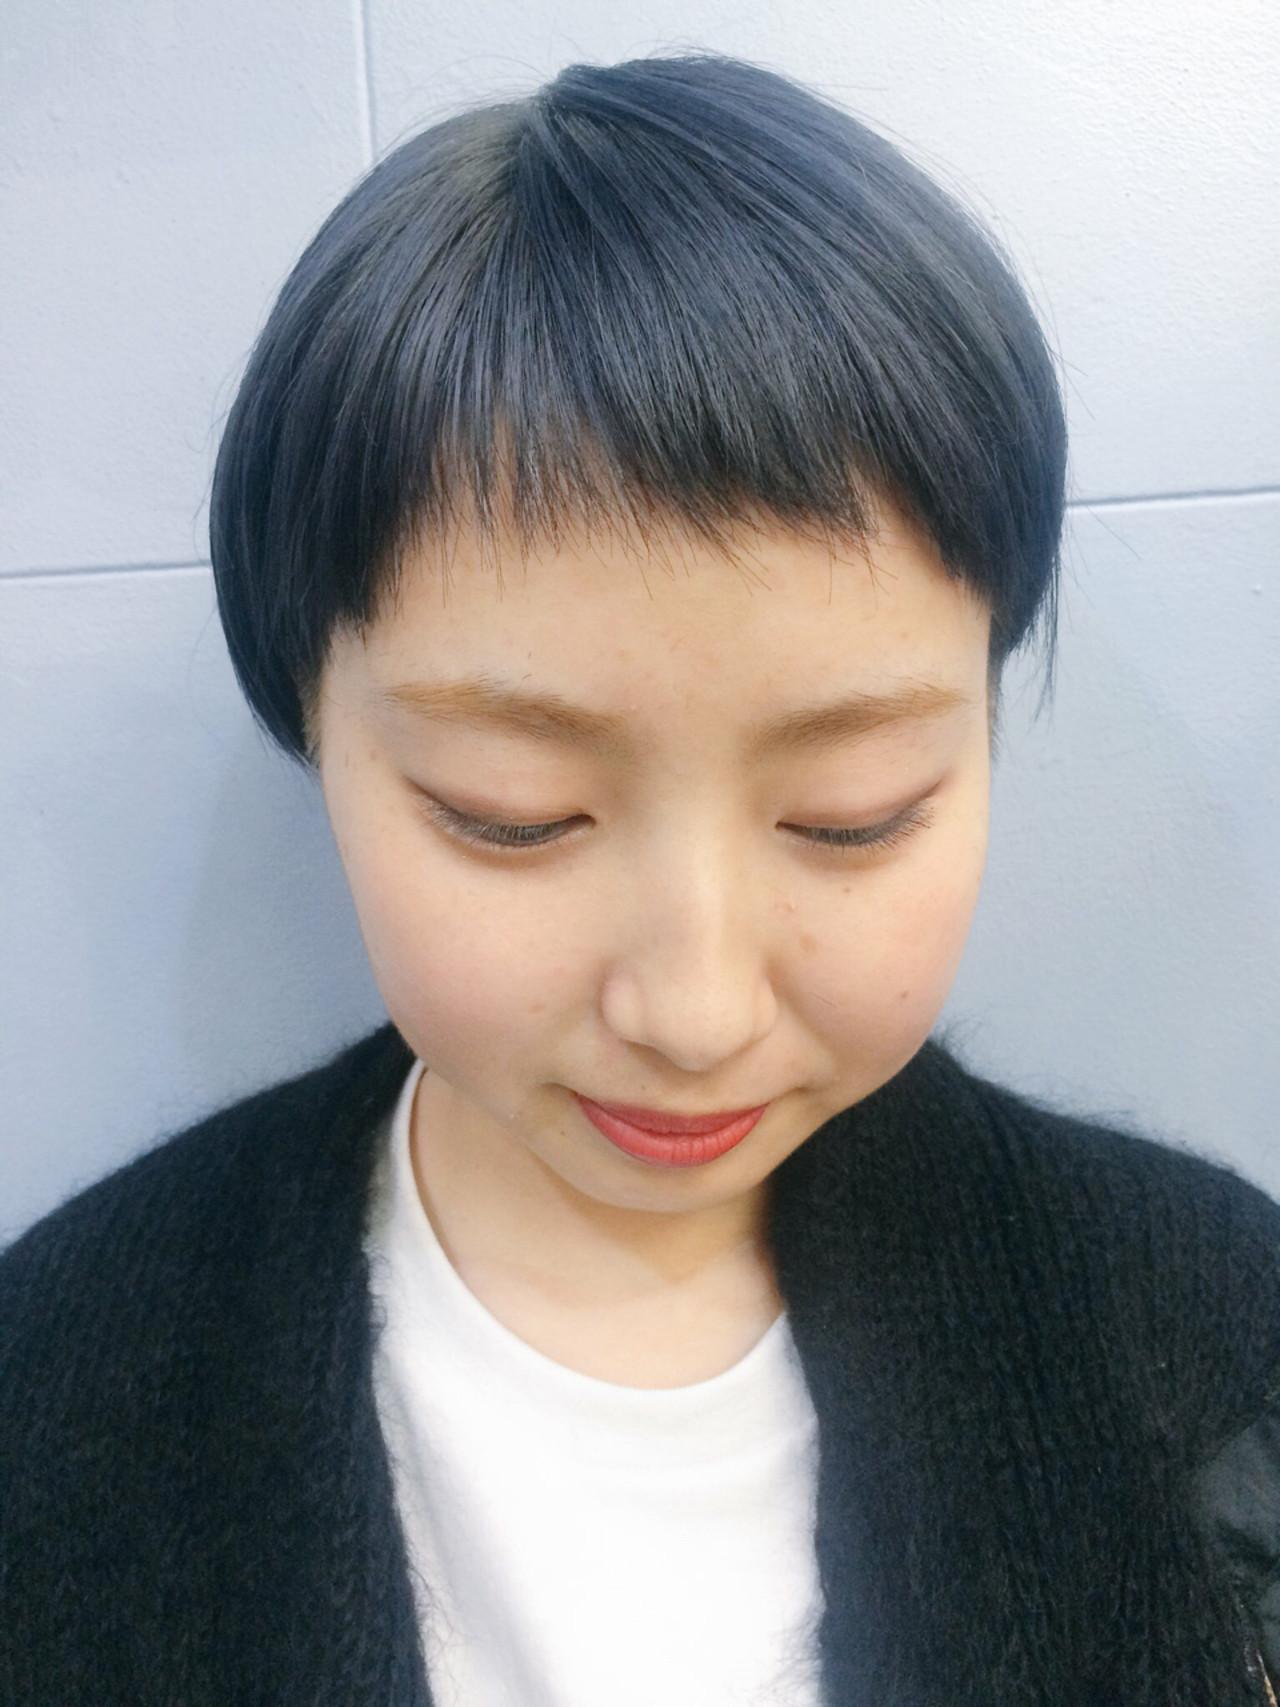 ストレート ブルーアッシュ ベリーショート ストリート ヘアスタイルや髪型の写真・画像